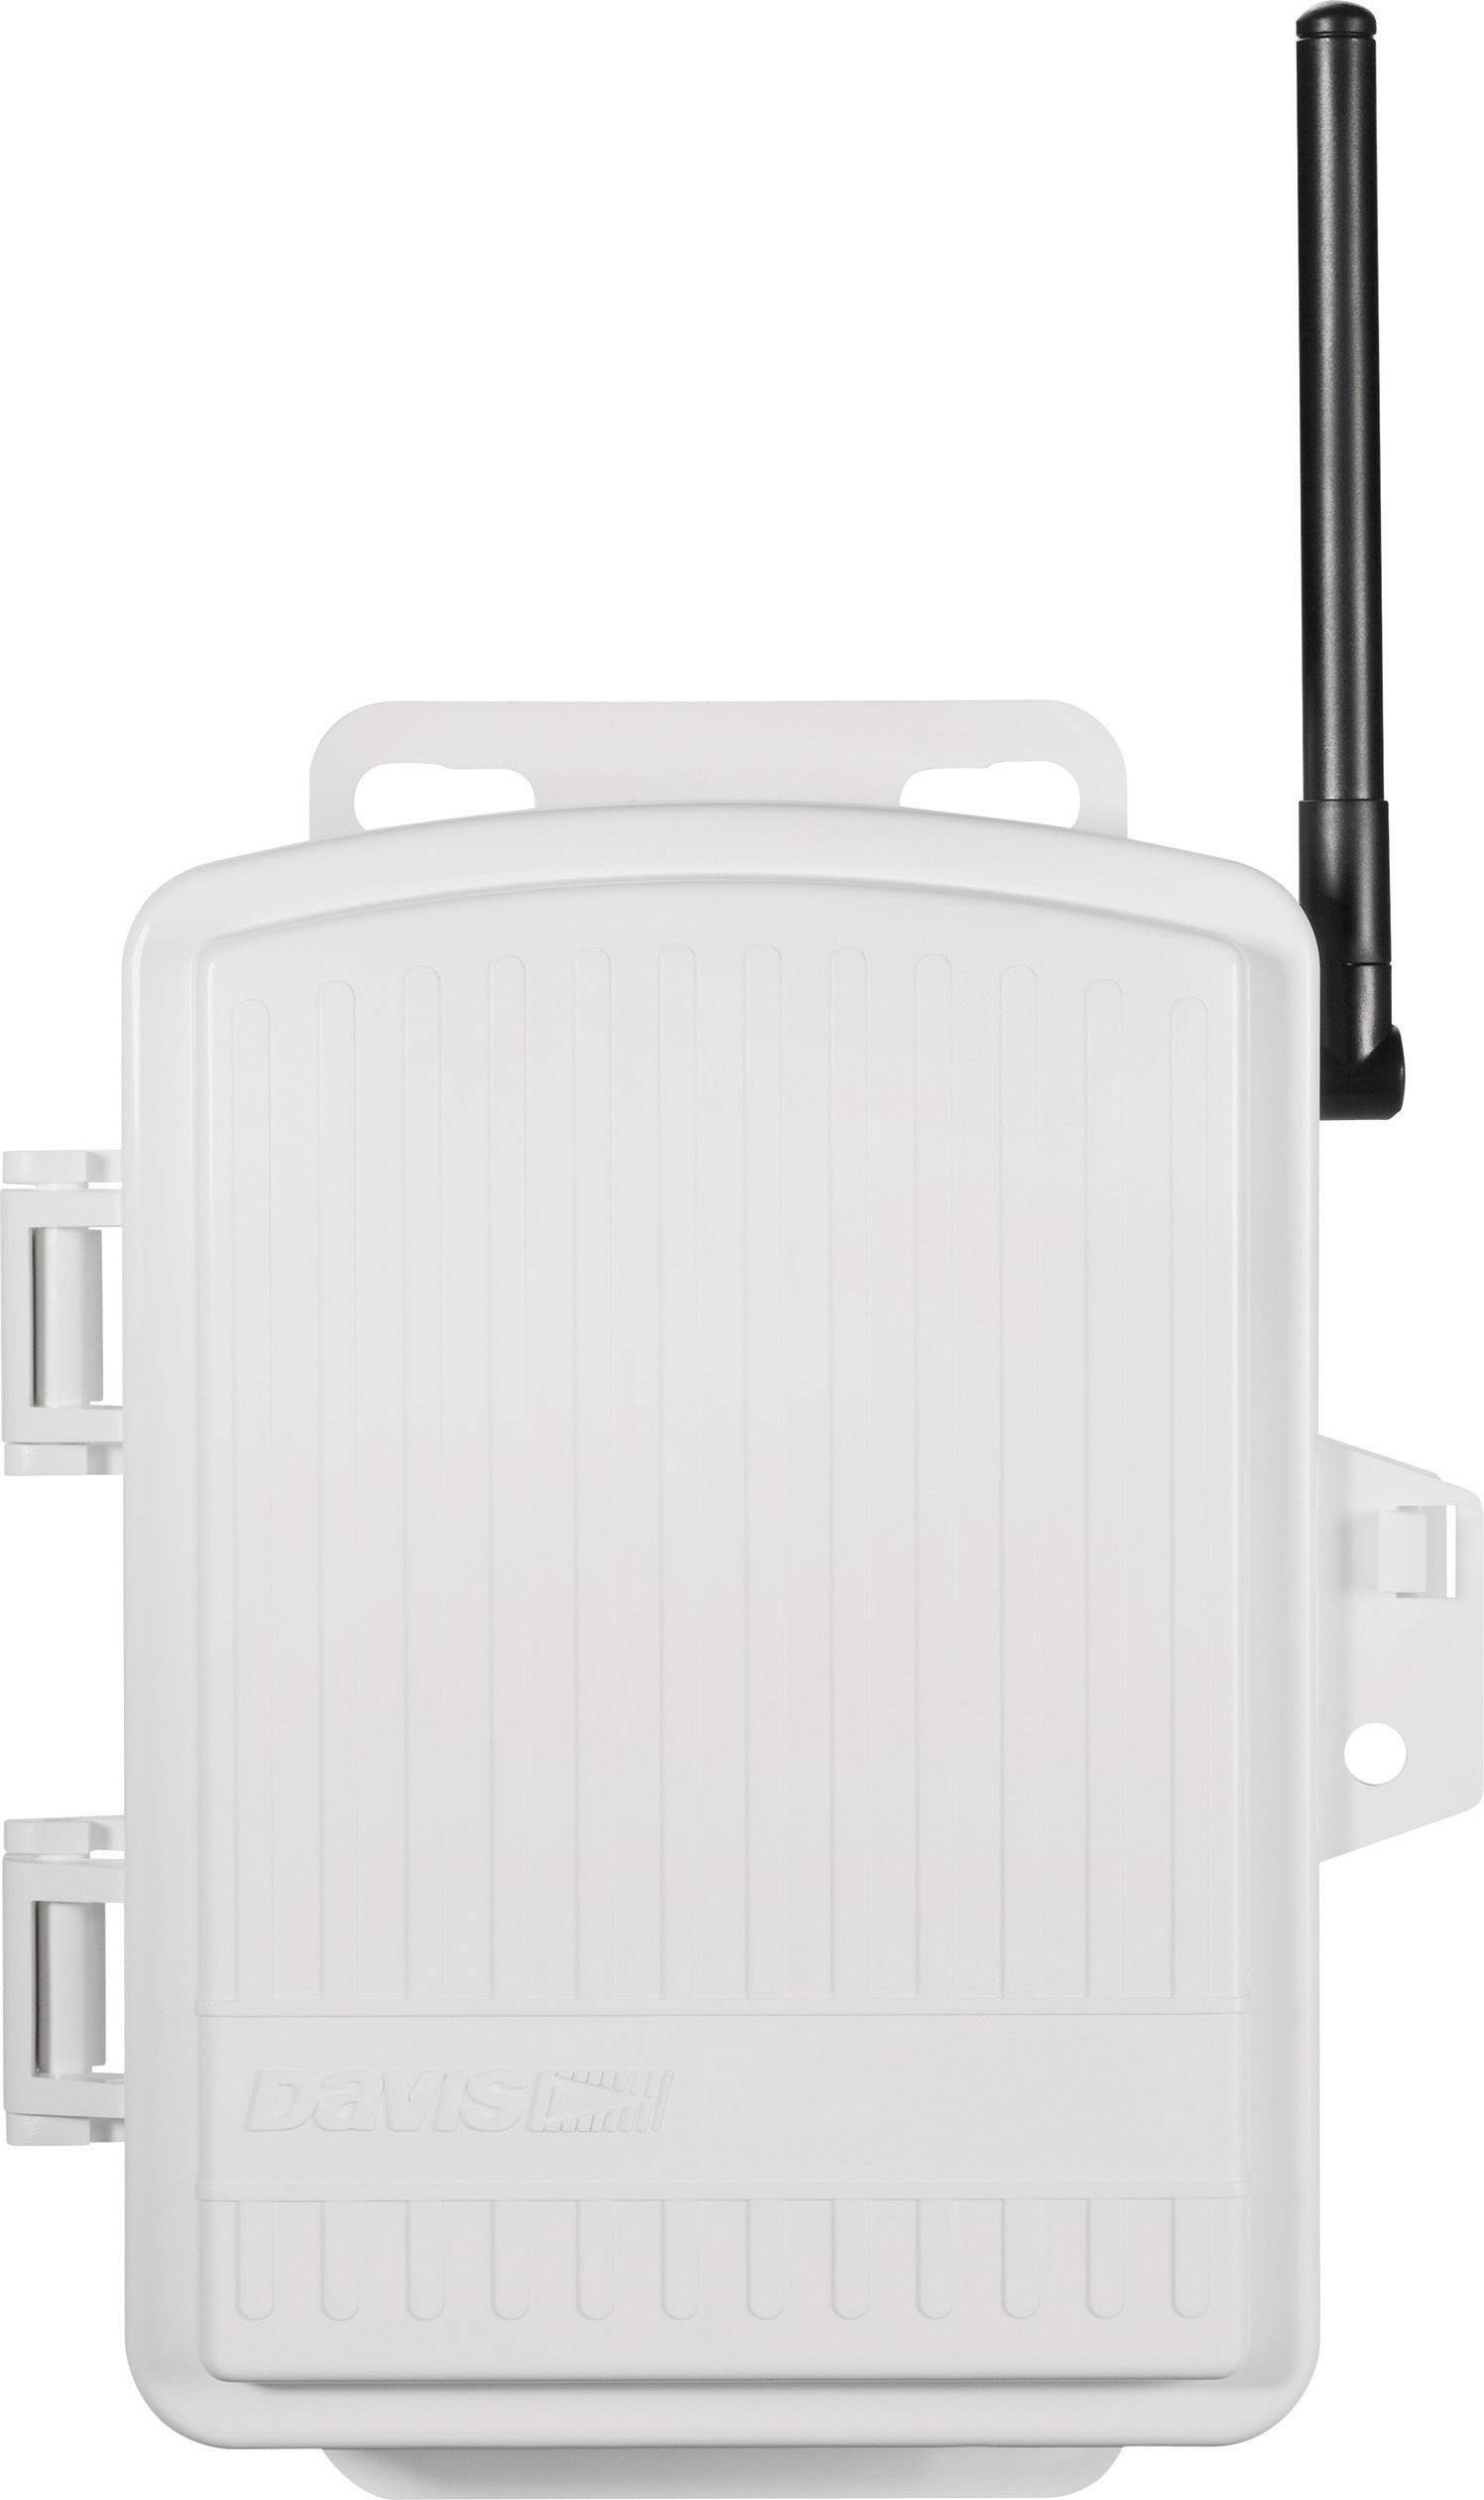 Bezdrôtový termo senzor Davis Instruments